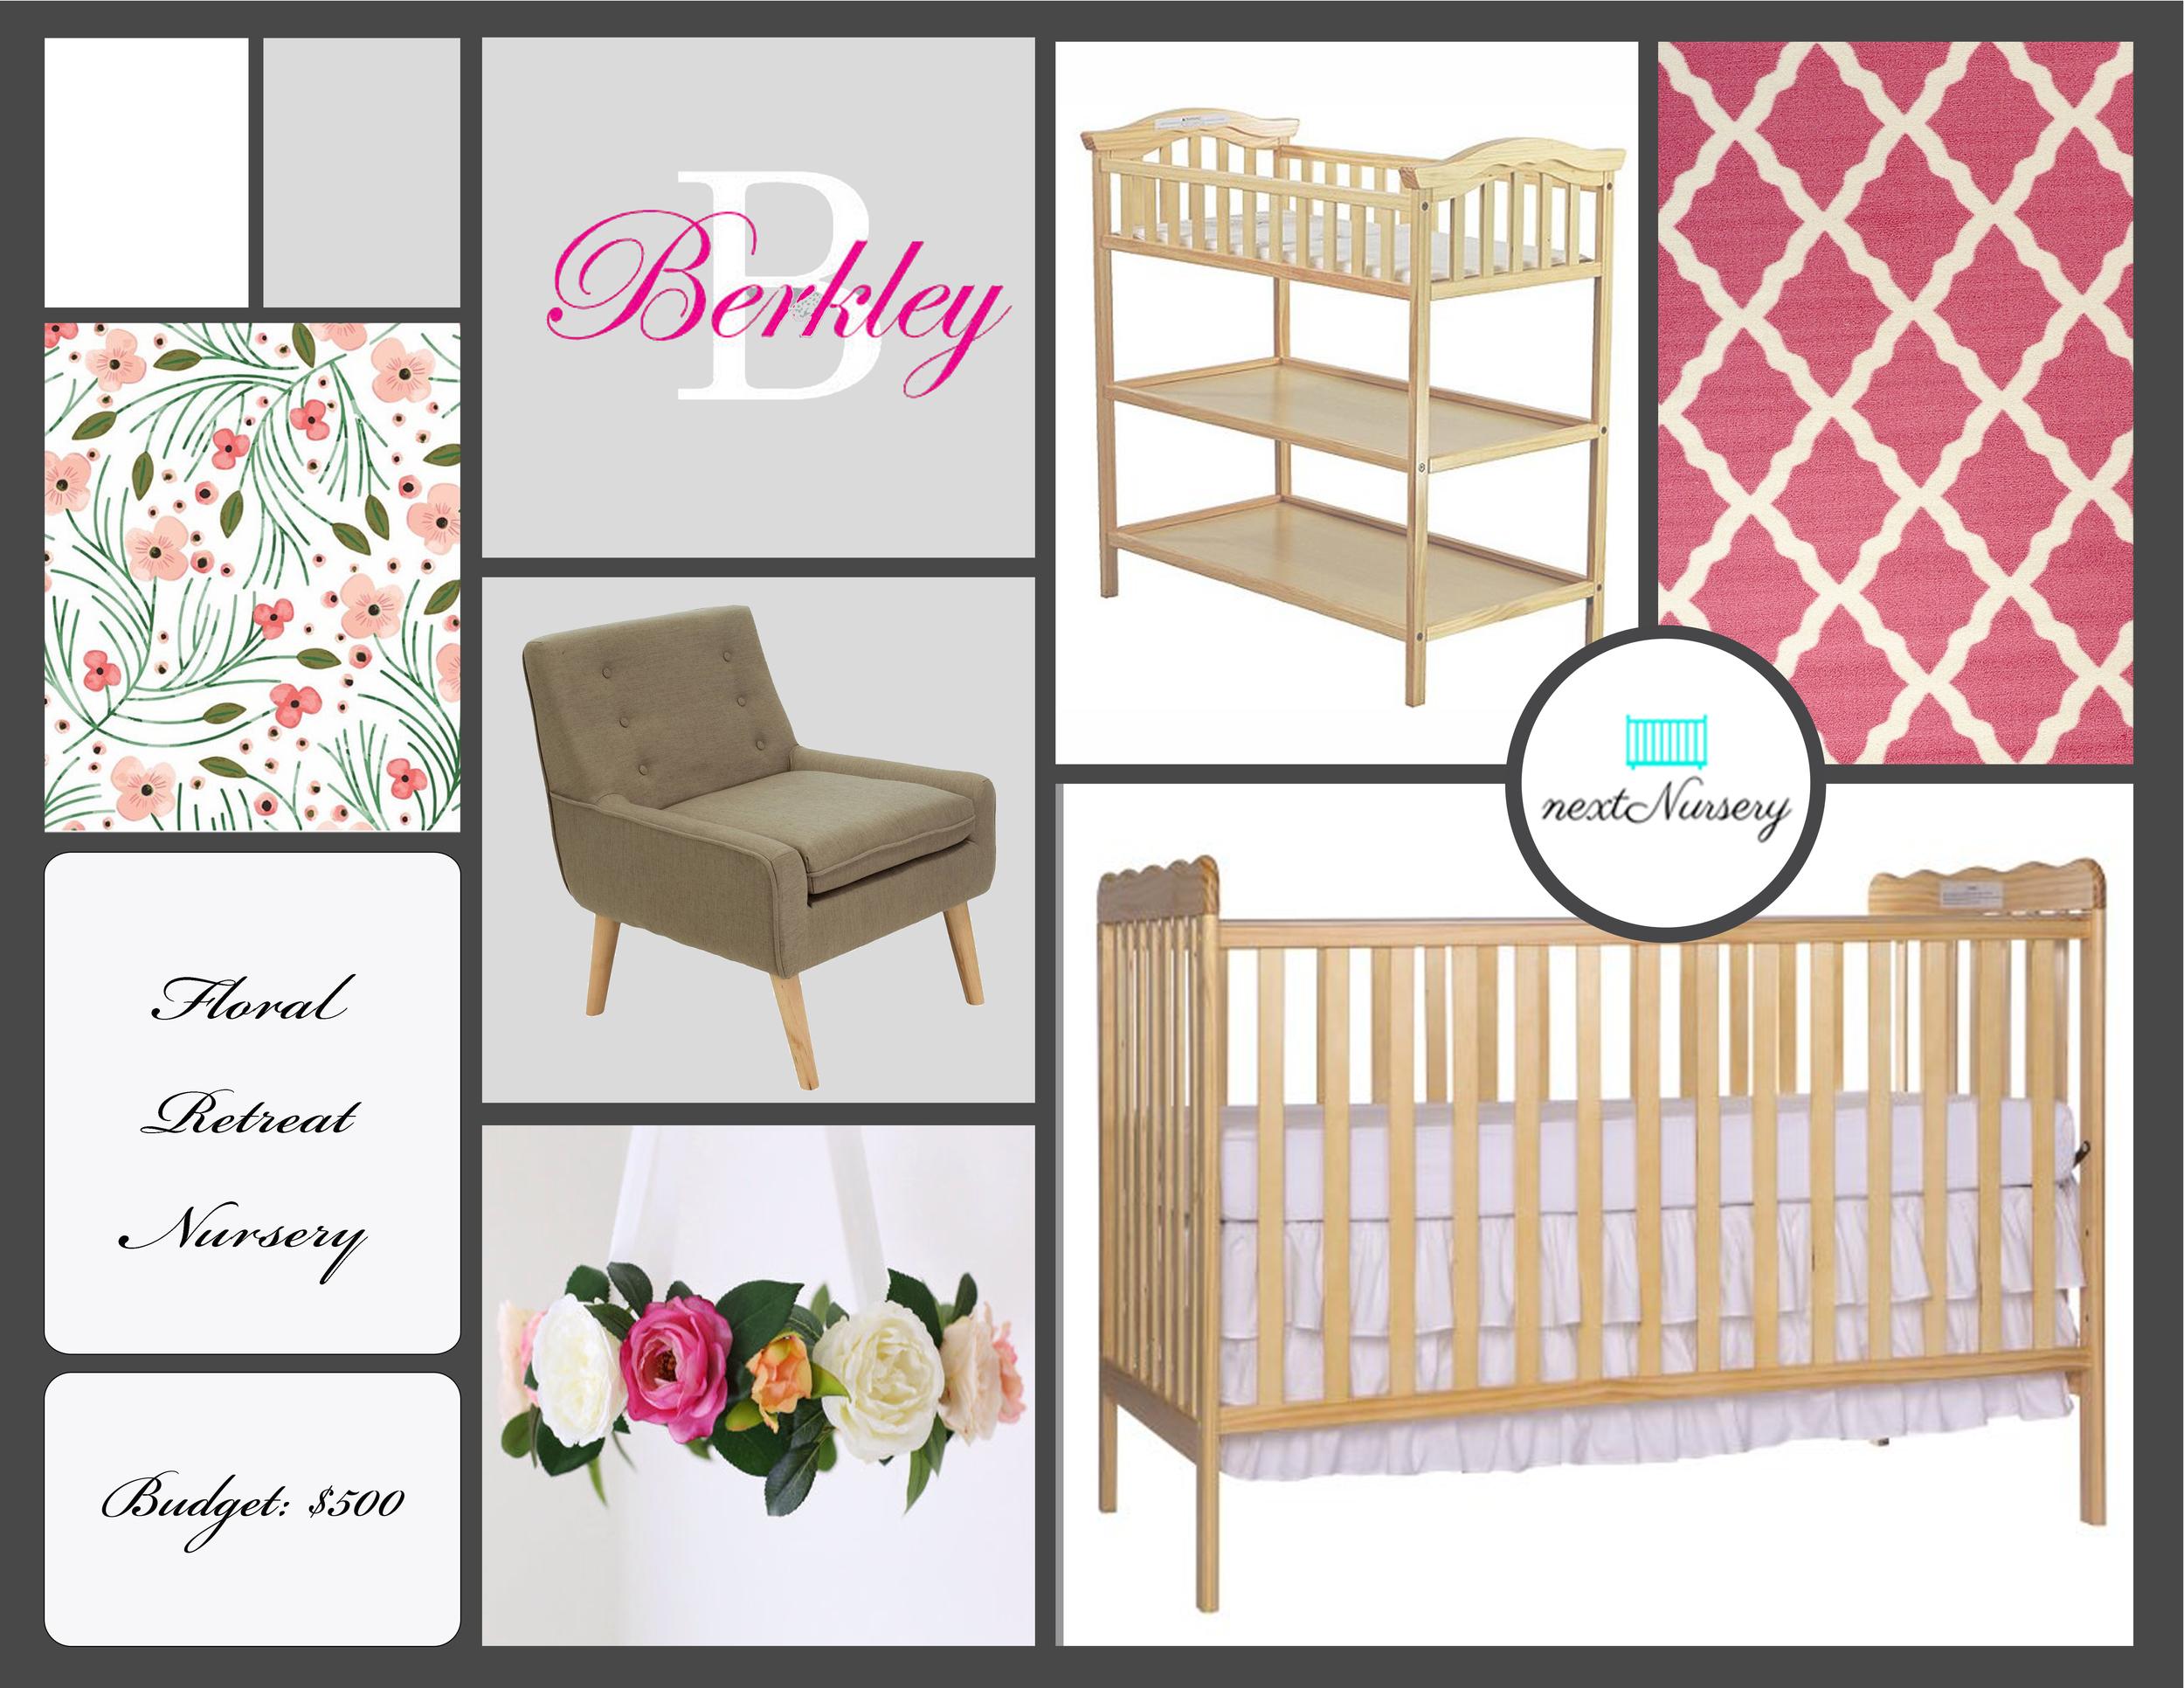 floral retreat nursery.jpg